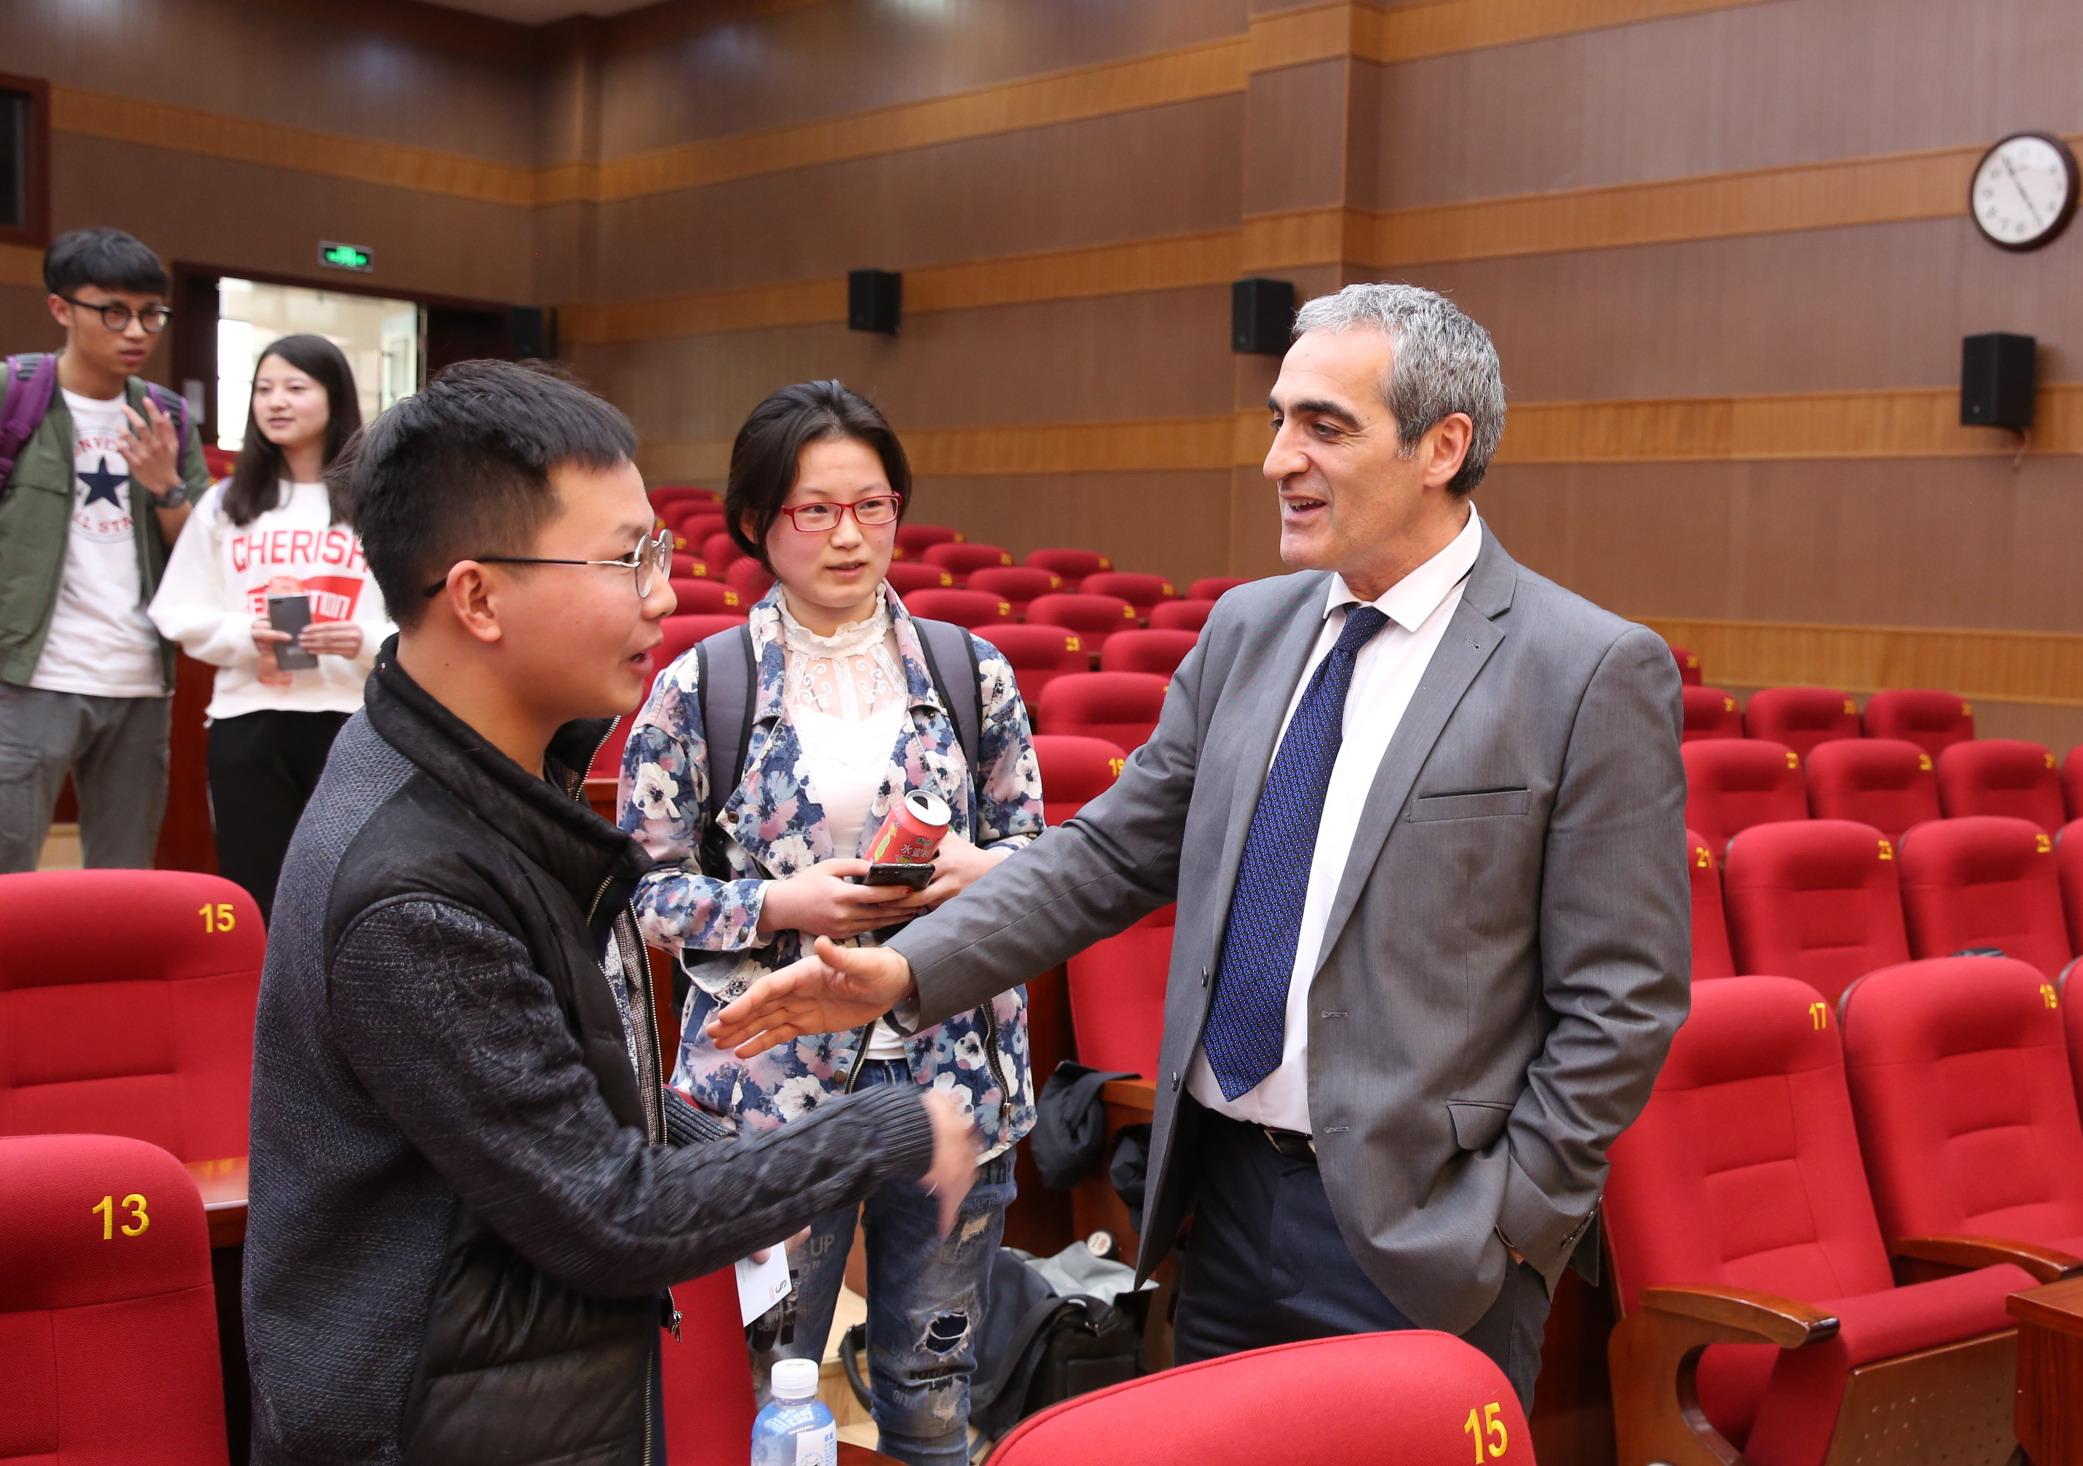 15.报告会结束之后Prof. Serge Fdida与学生继续交流 杨天鹏 摄